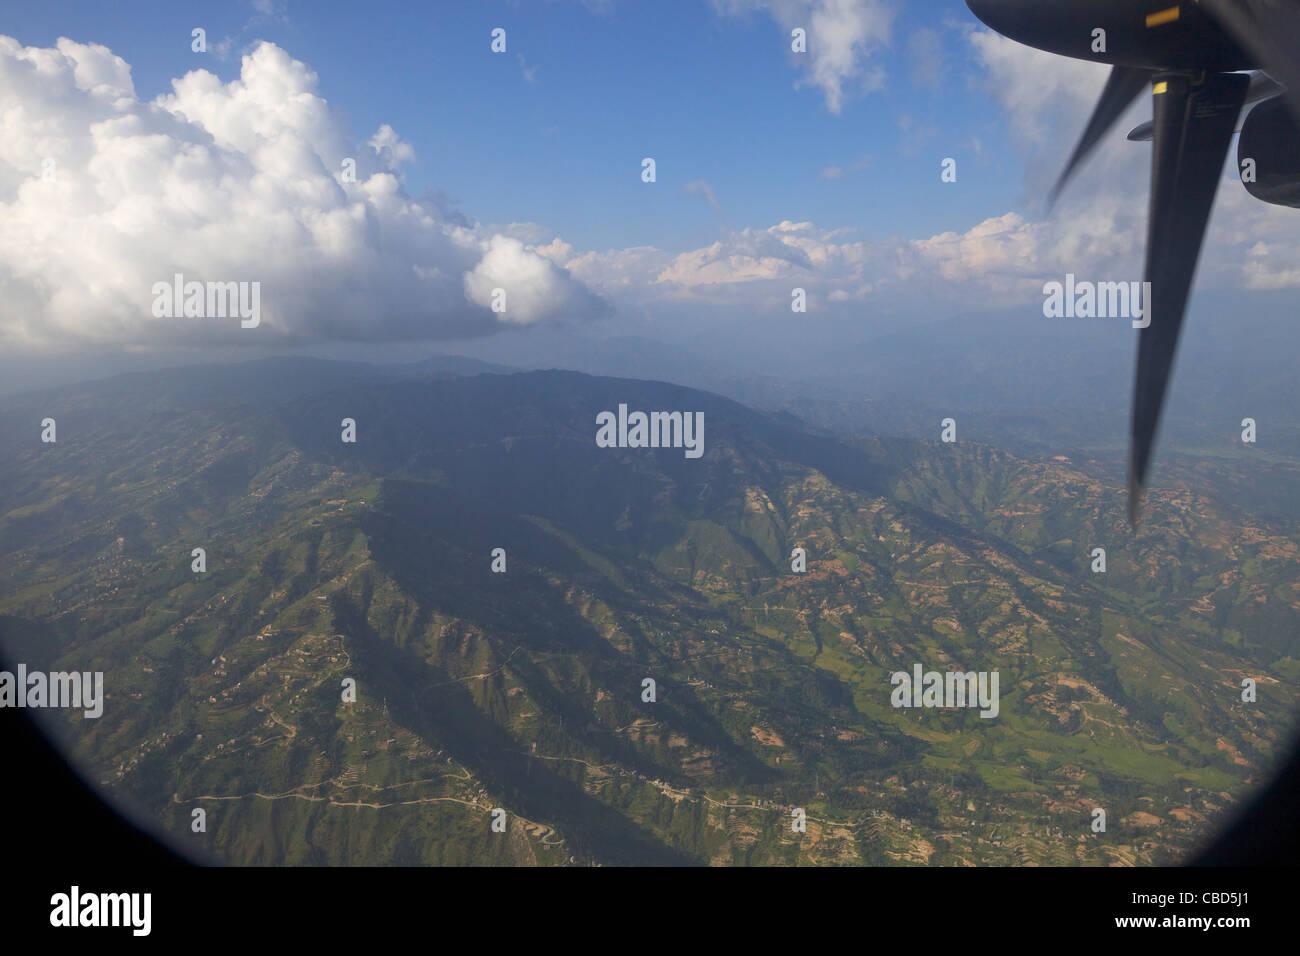 Photographie aérienne de la Vallée de Kathmandu, Népal, Asie, Photo Stock